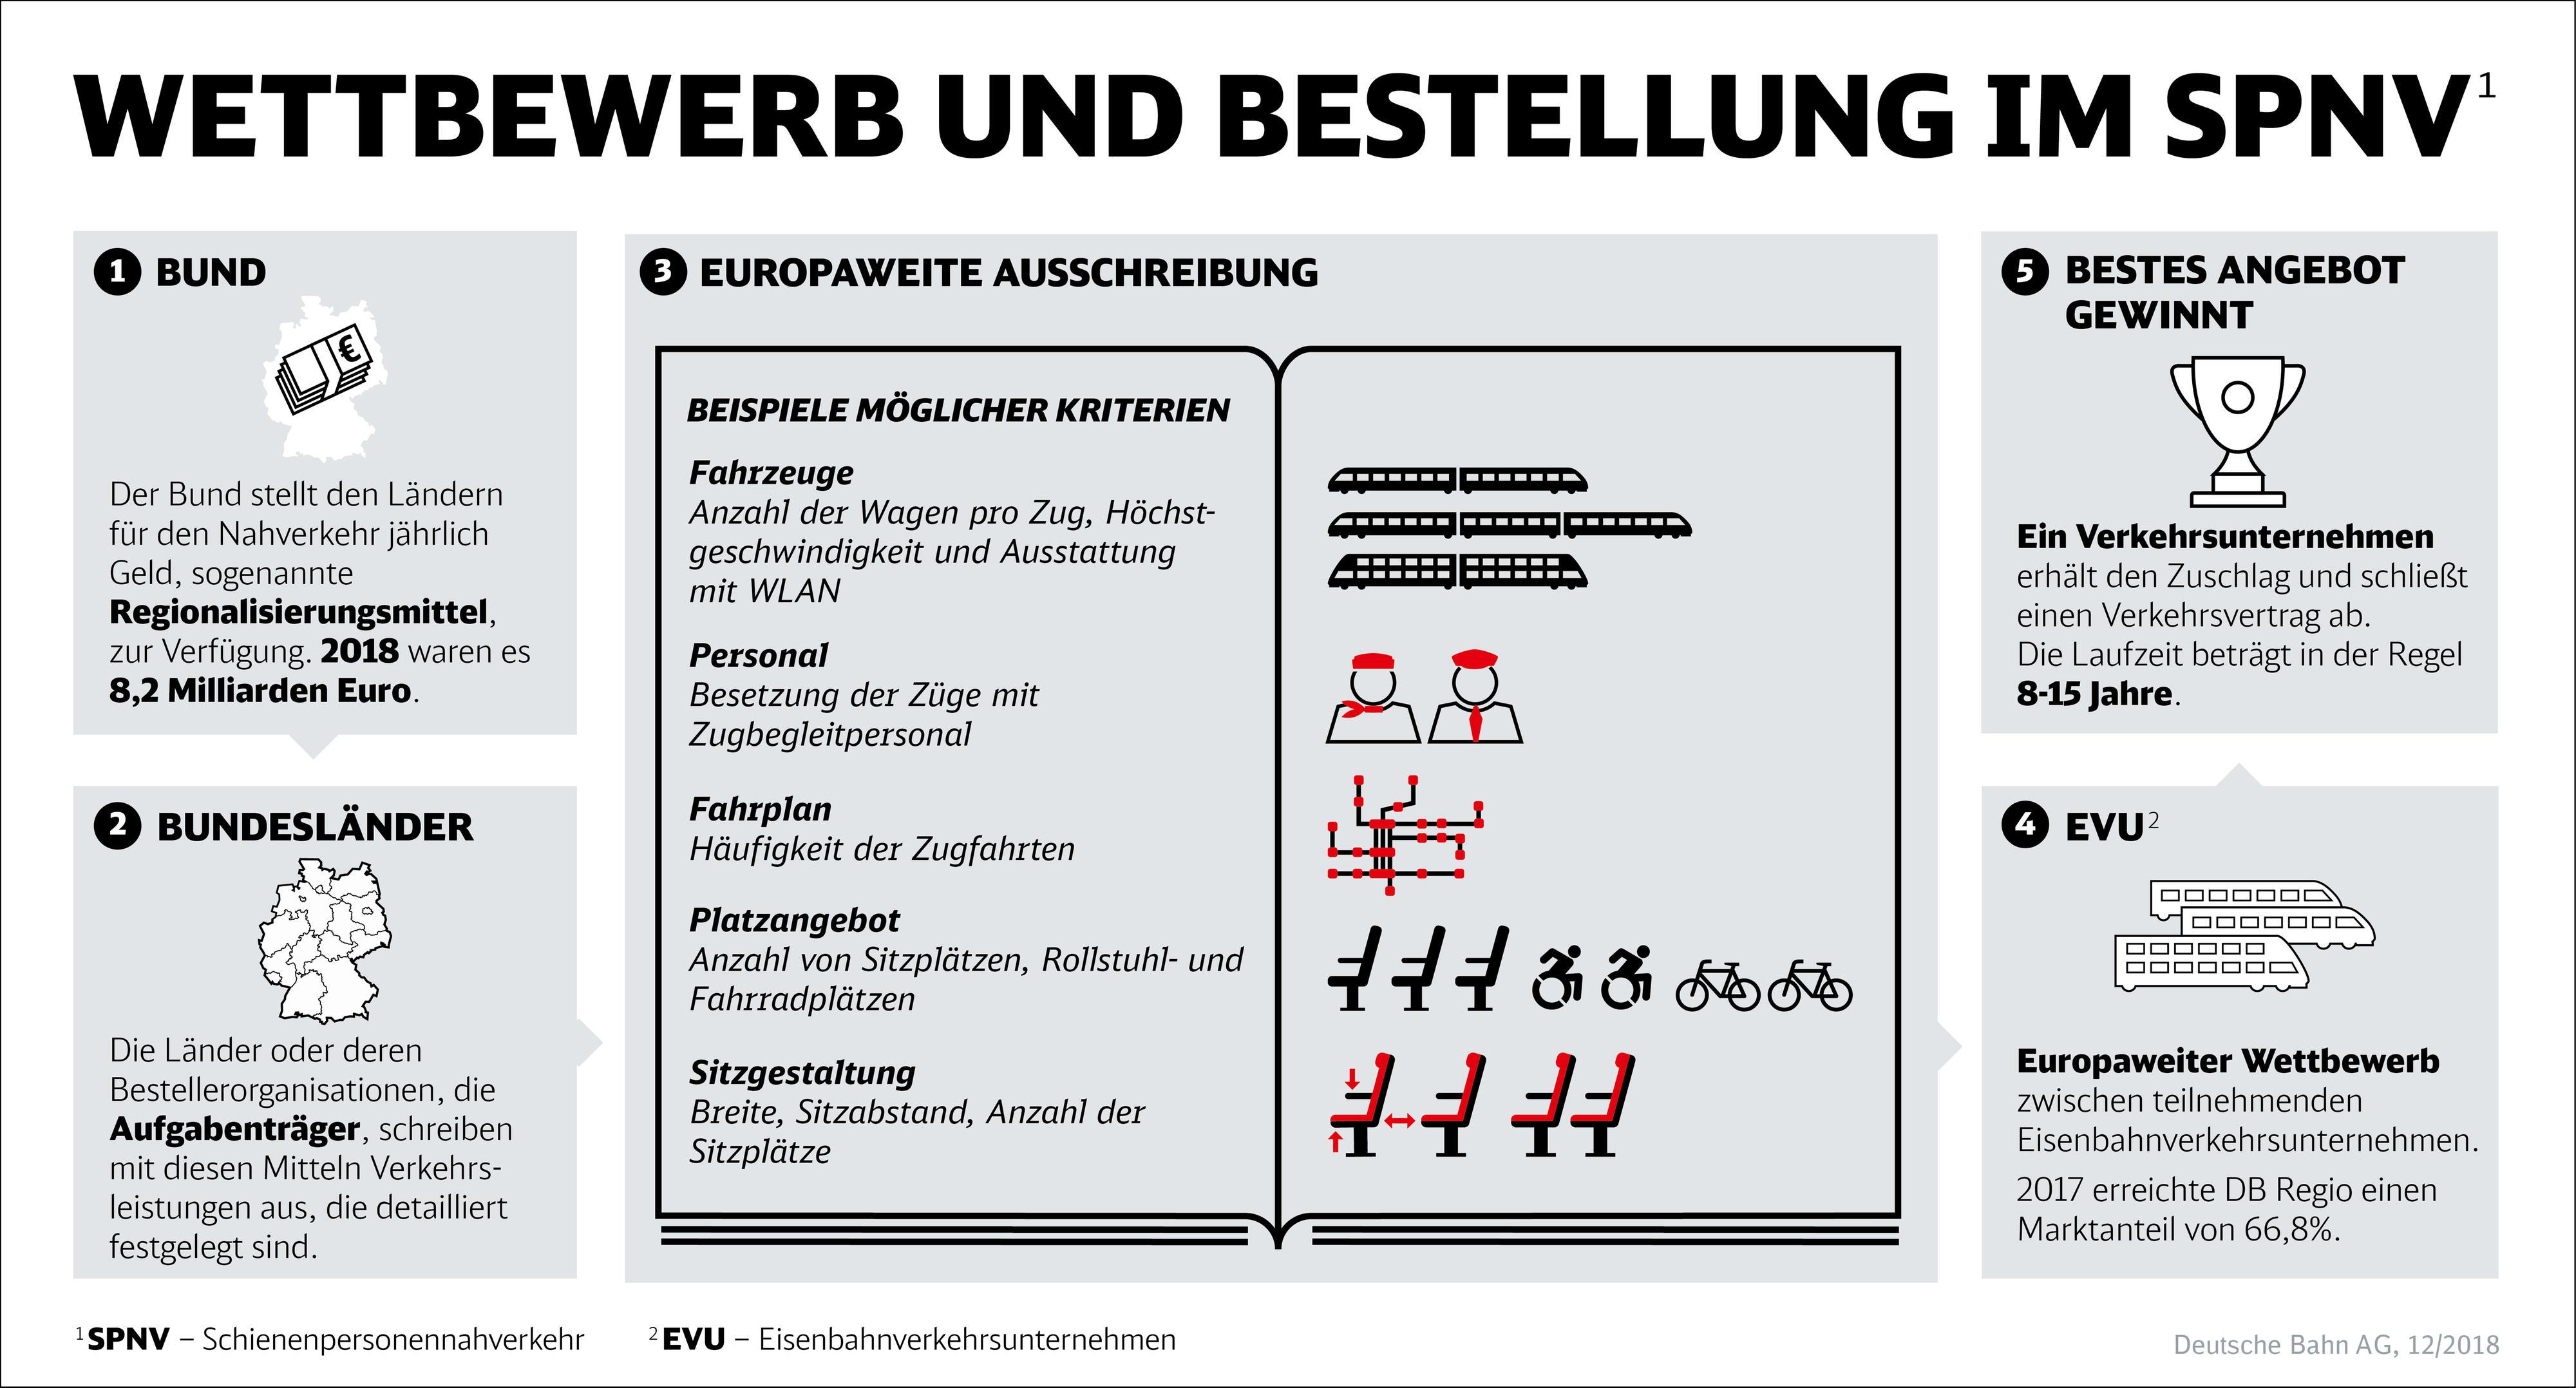 Für Presse Und Journalisten Deutsche Bahn Ag